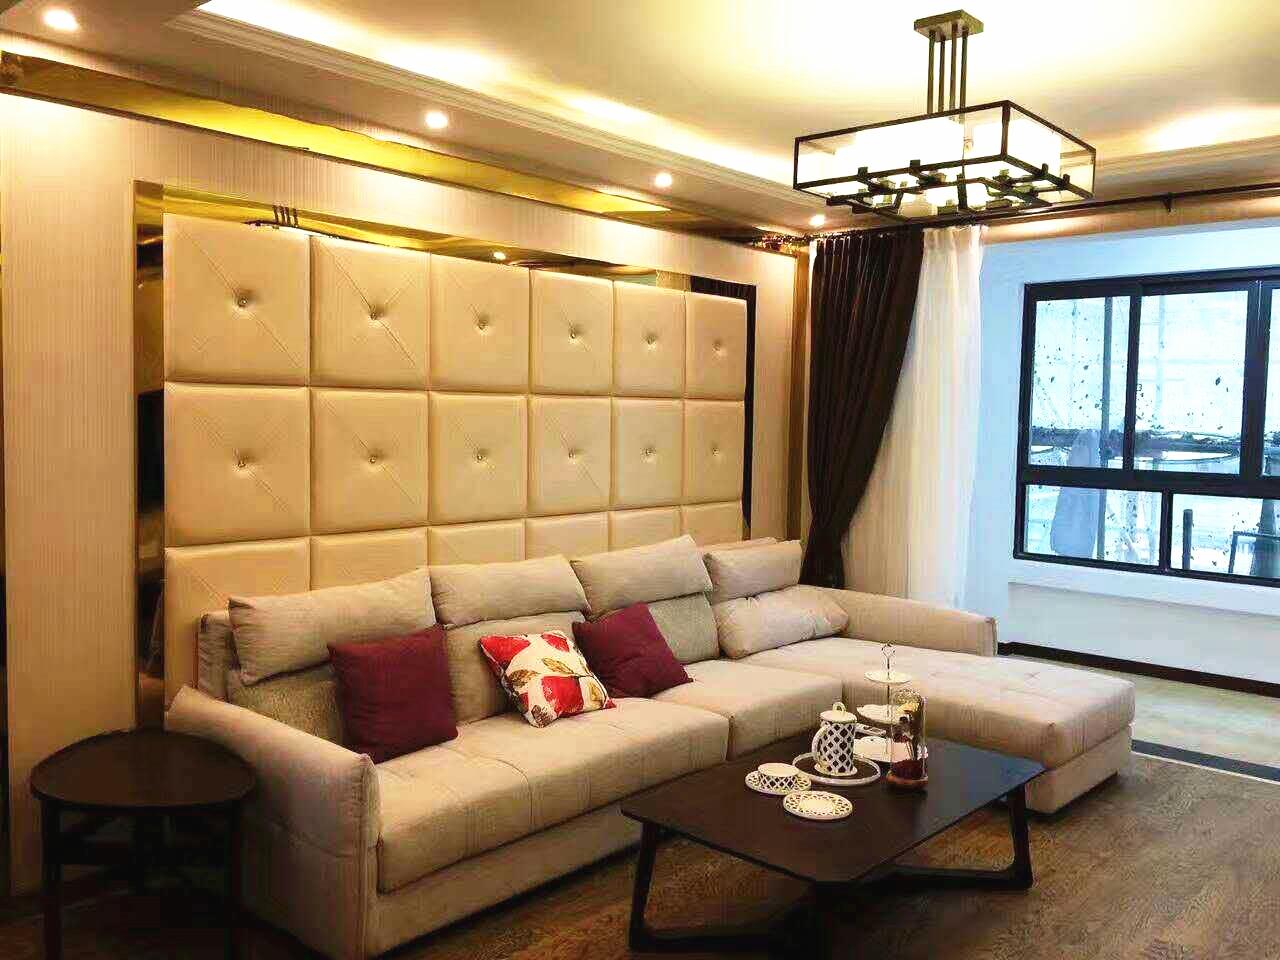 时尚、有格调的宽敞客厅,主要采用巧克力色、黄色的颜色搭配。